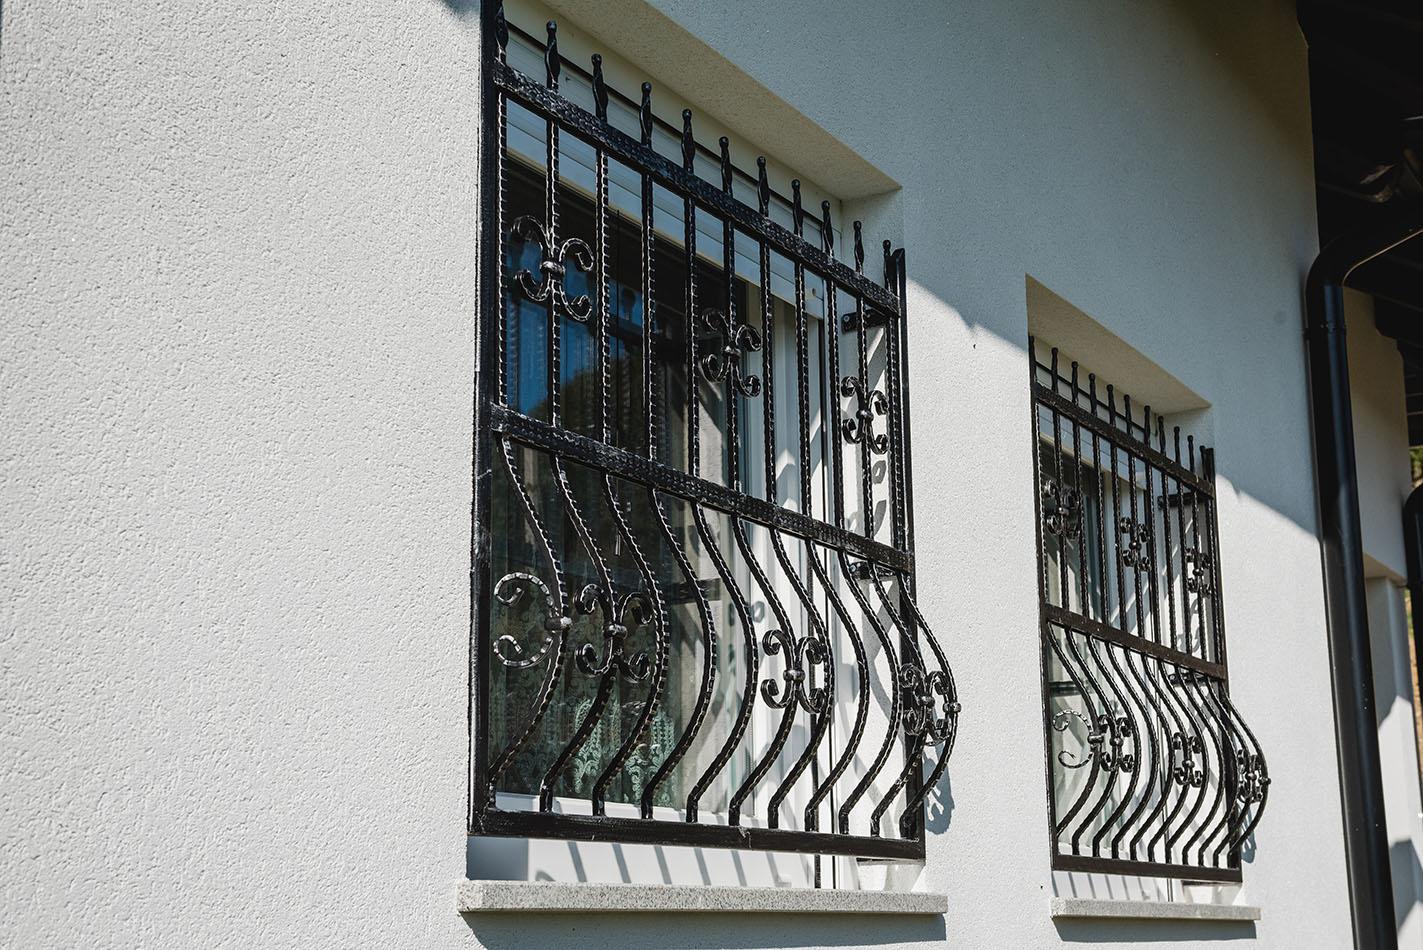 Fenstergitter, Fenstergitter kaufen, Fenstergitter bestellen, Fenstergitter Beratung